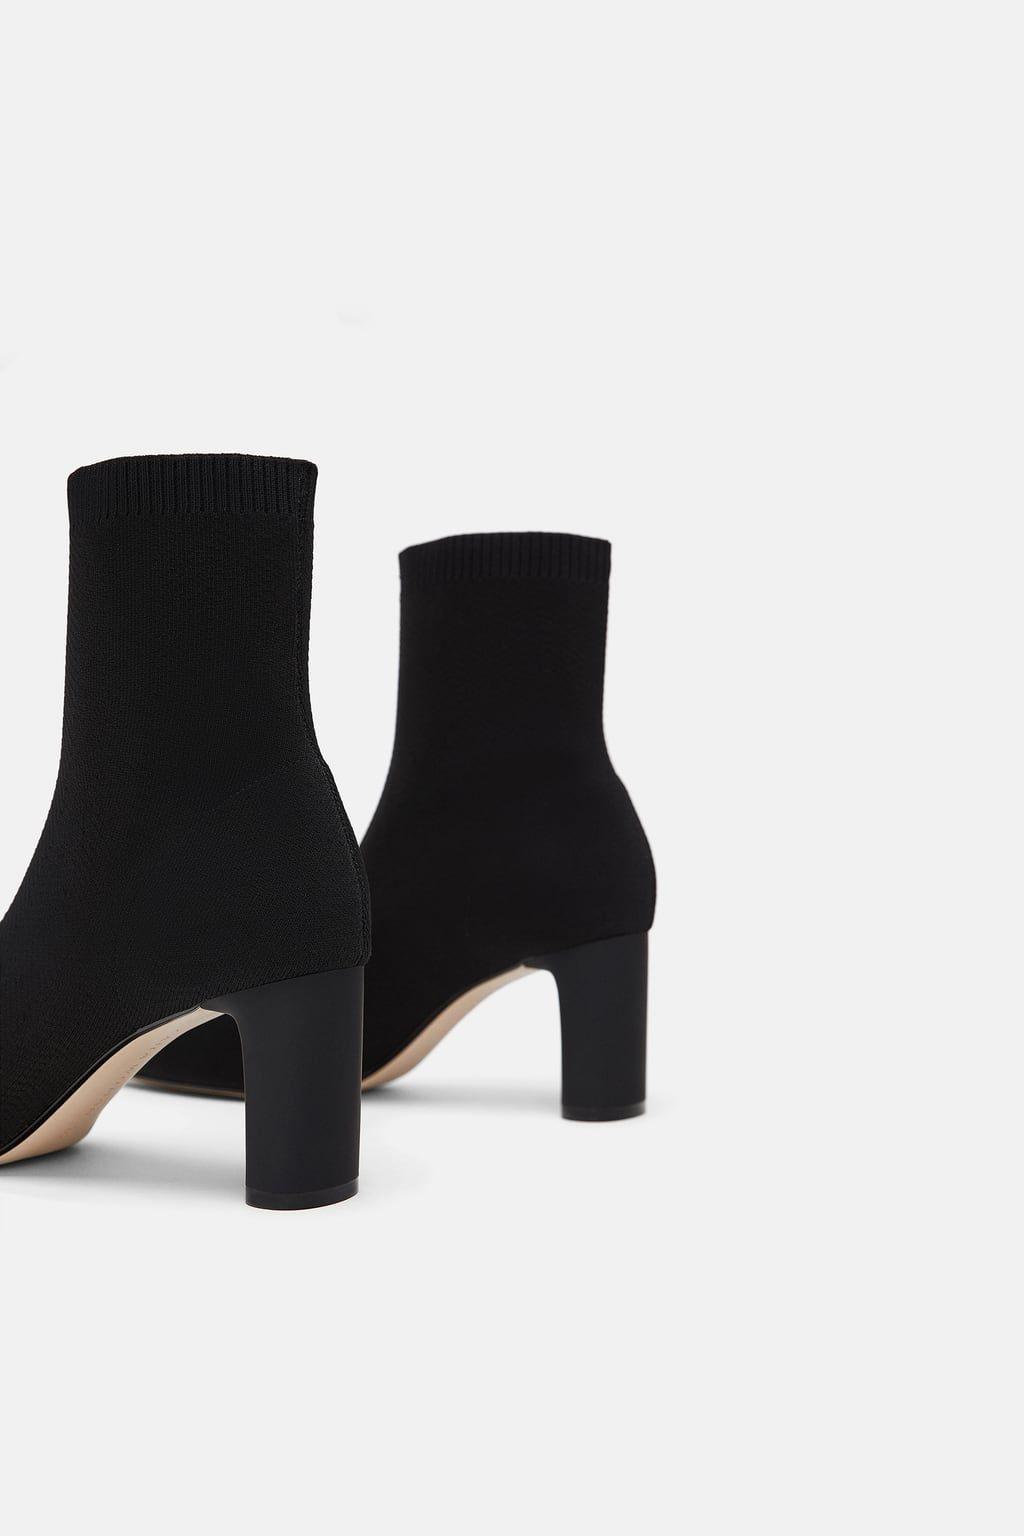 282fe72caac9 Fabric heeled ankle boots | Shoooooessss | Heels, Ankle, Boots